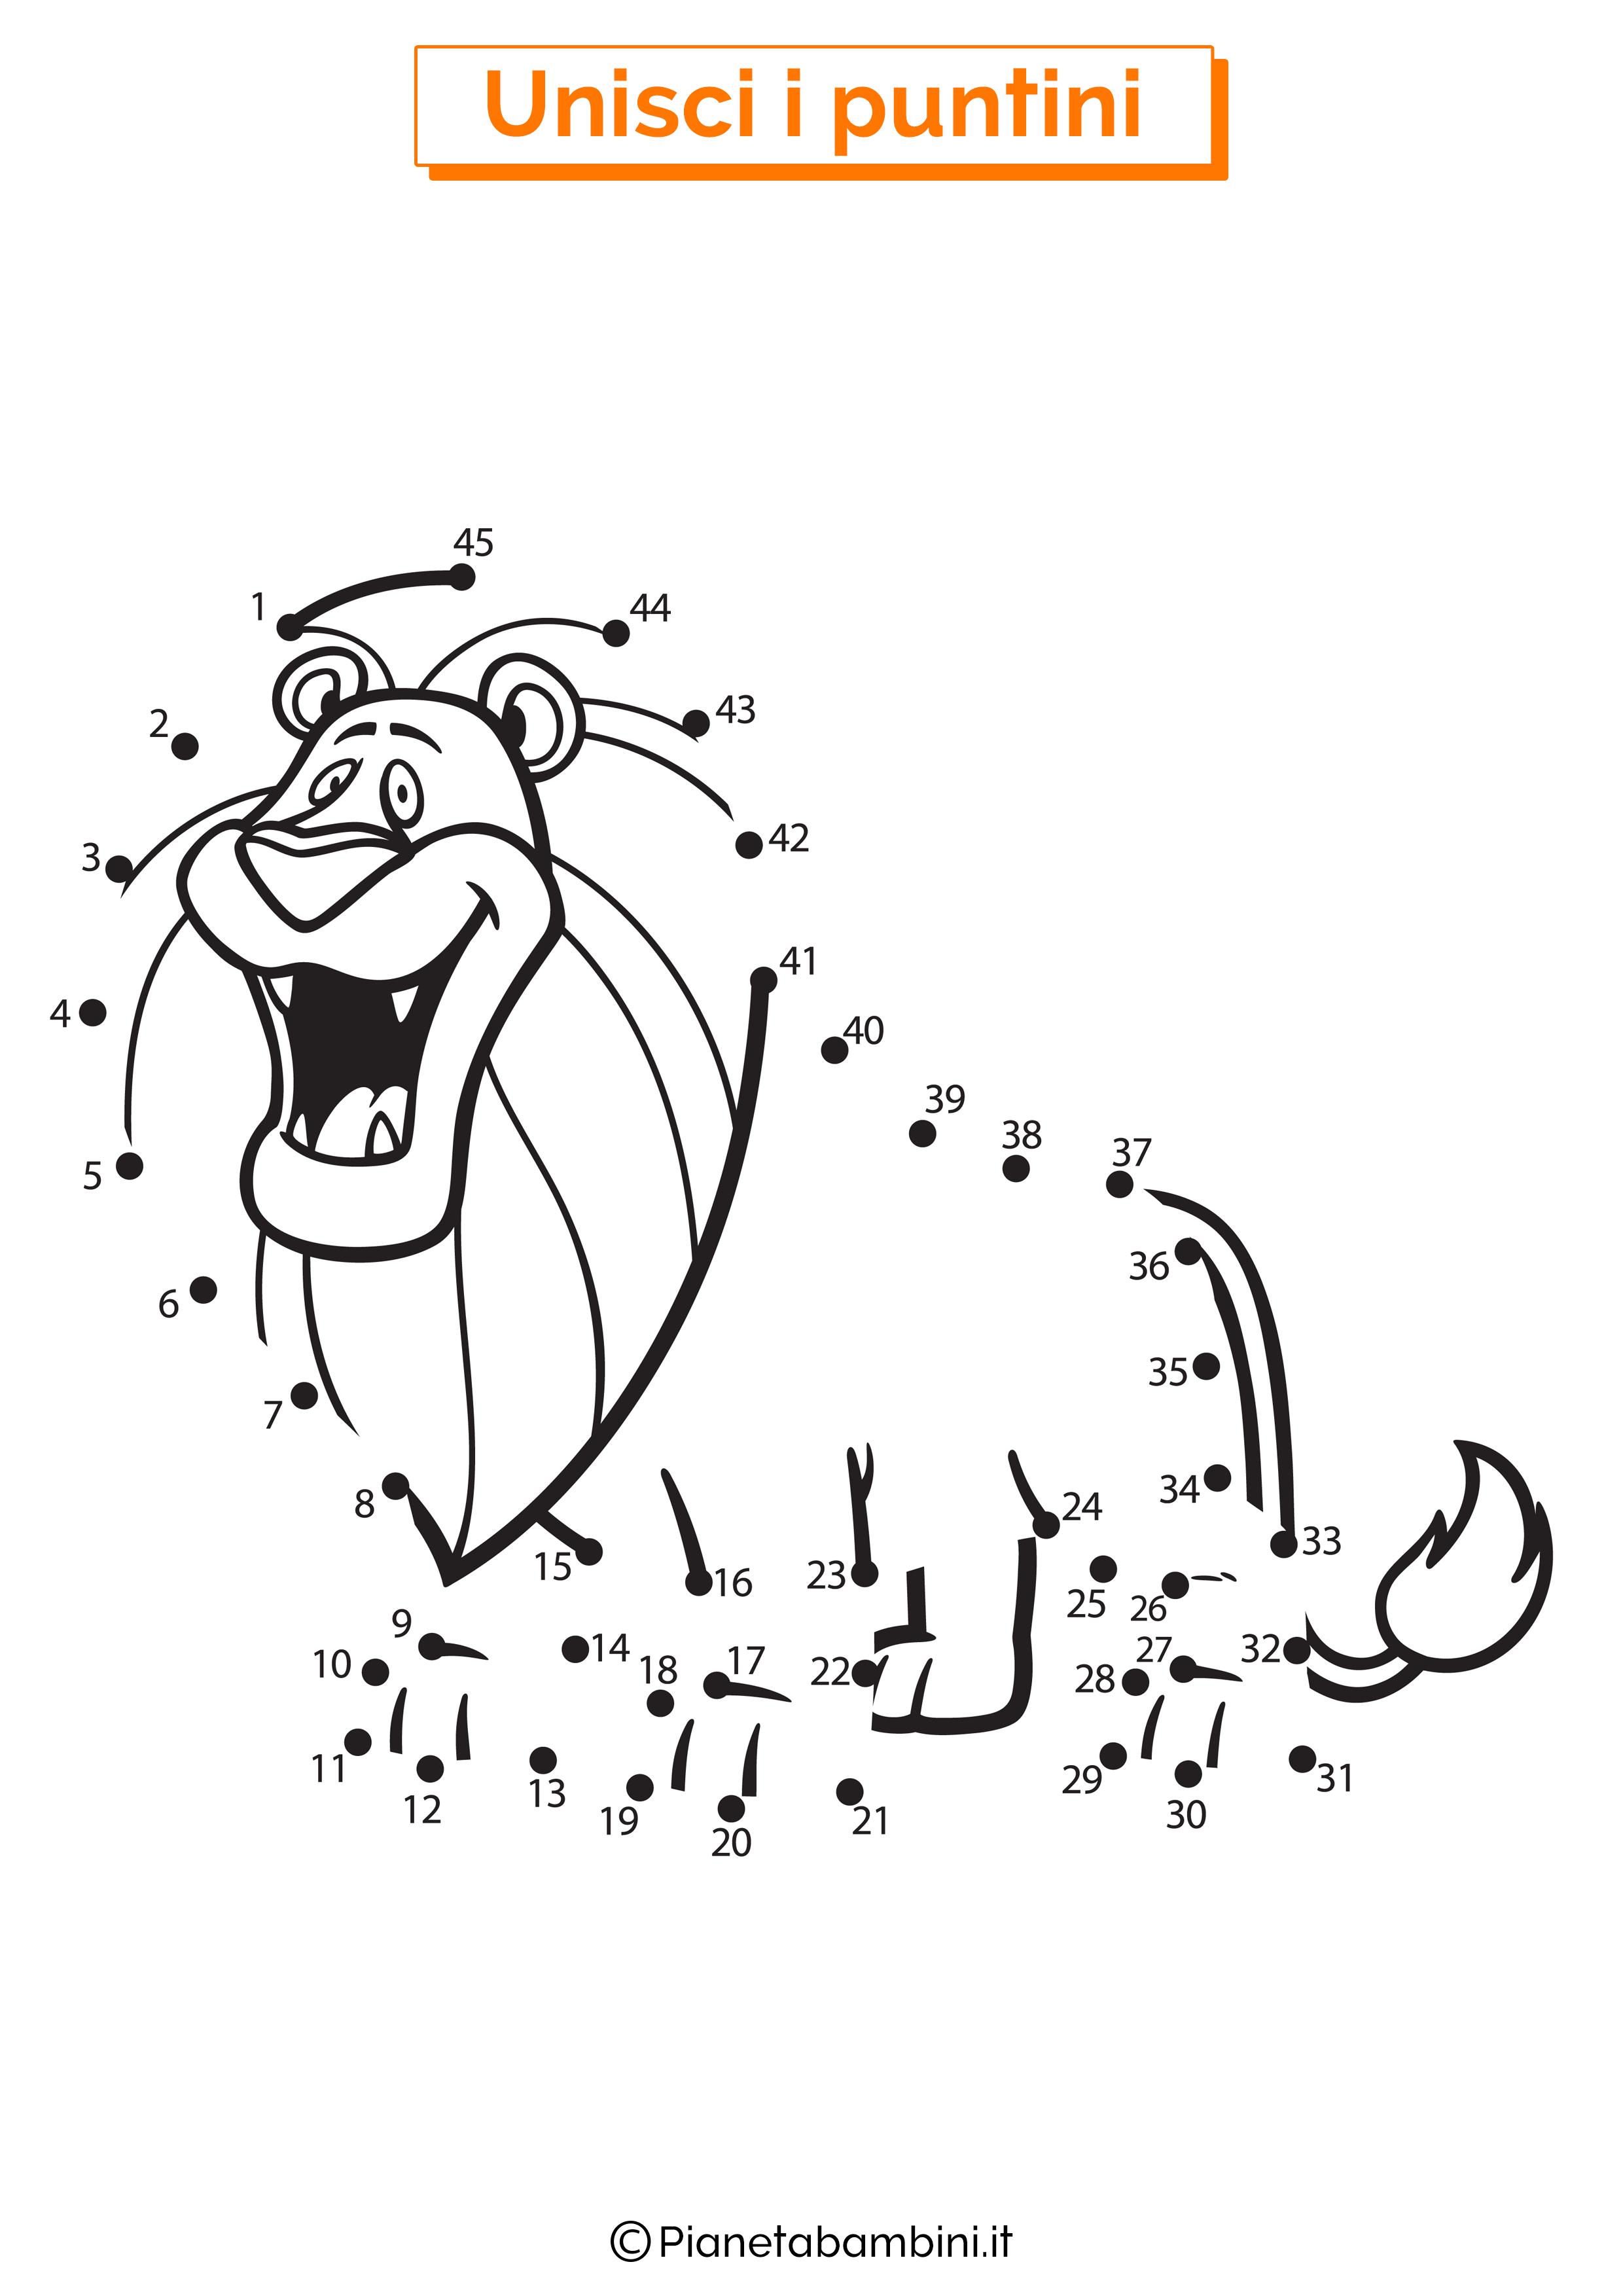 Disegno unisci i puntini 1-40 leone